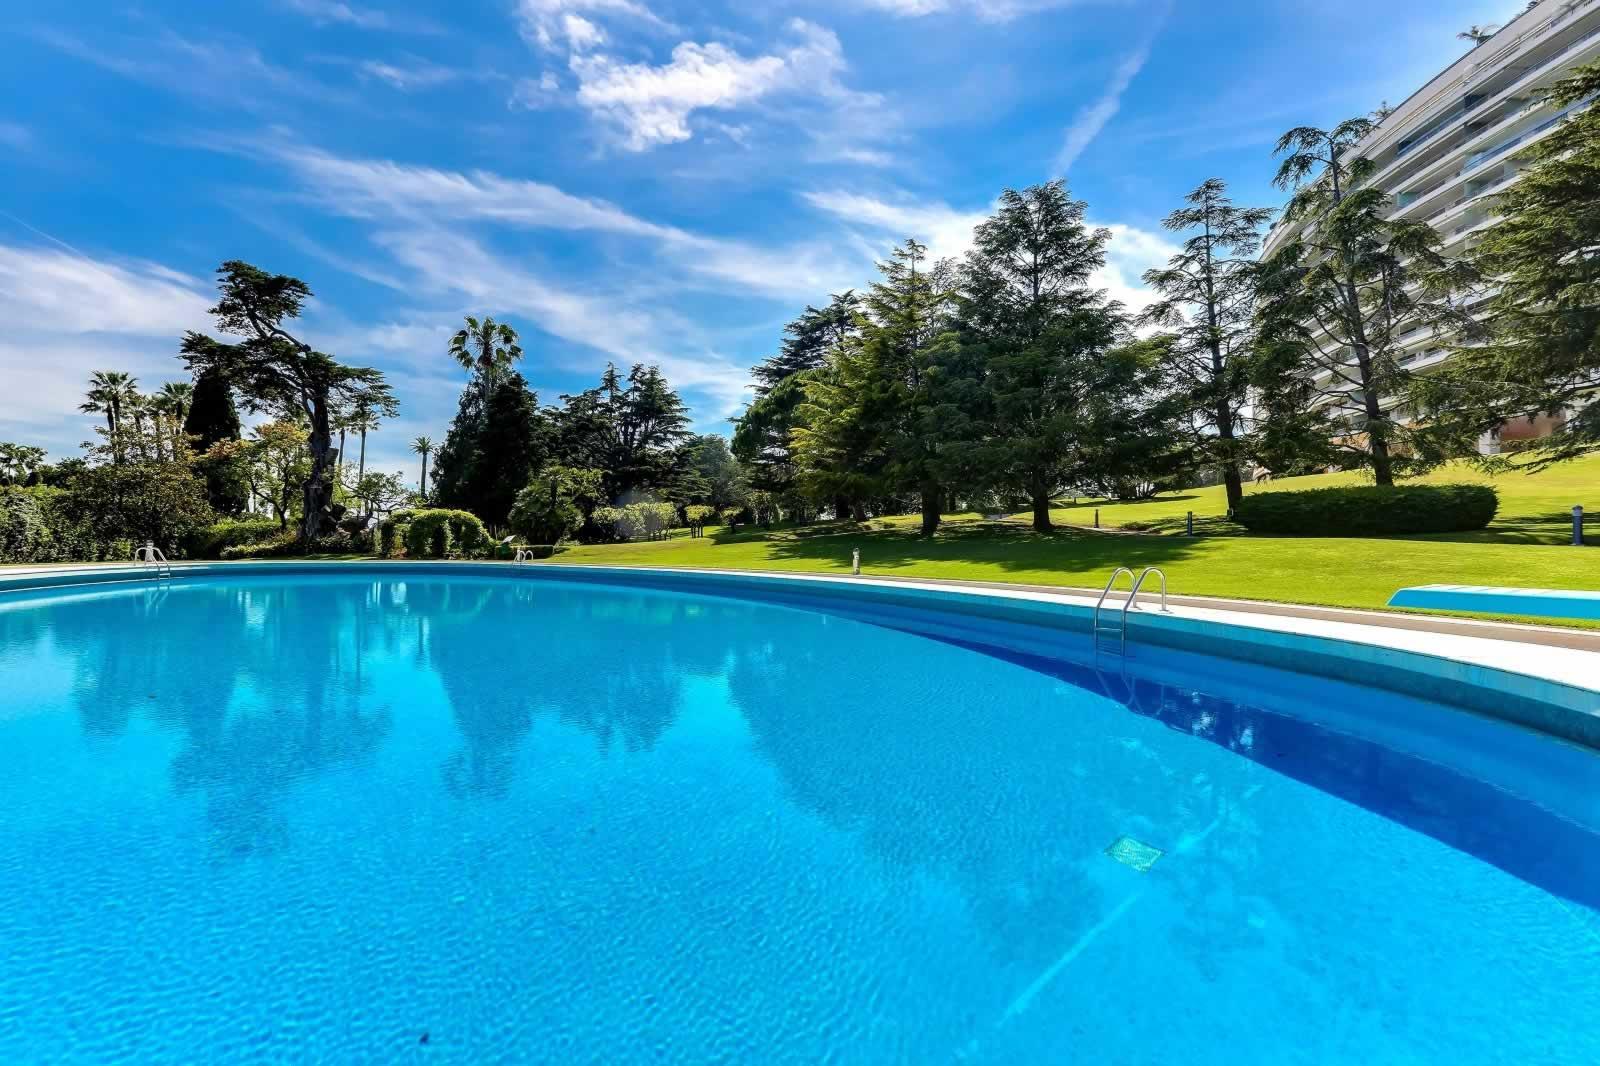 appartement-prestigieux-vue-mer-panoramique-a-vendre-parc-paysager-piscine-cave-terrasse-garage